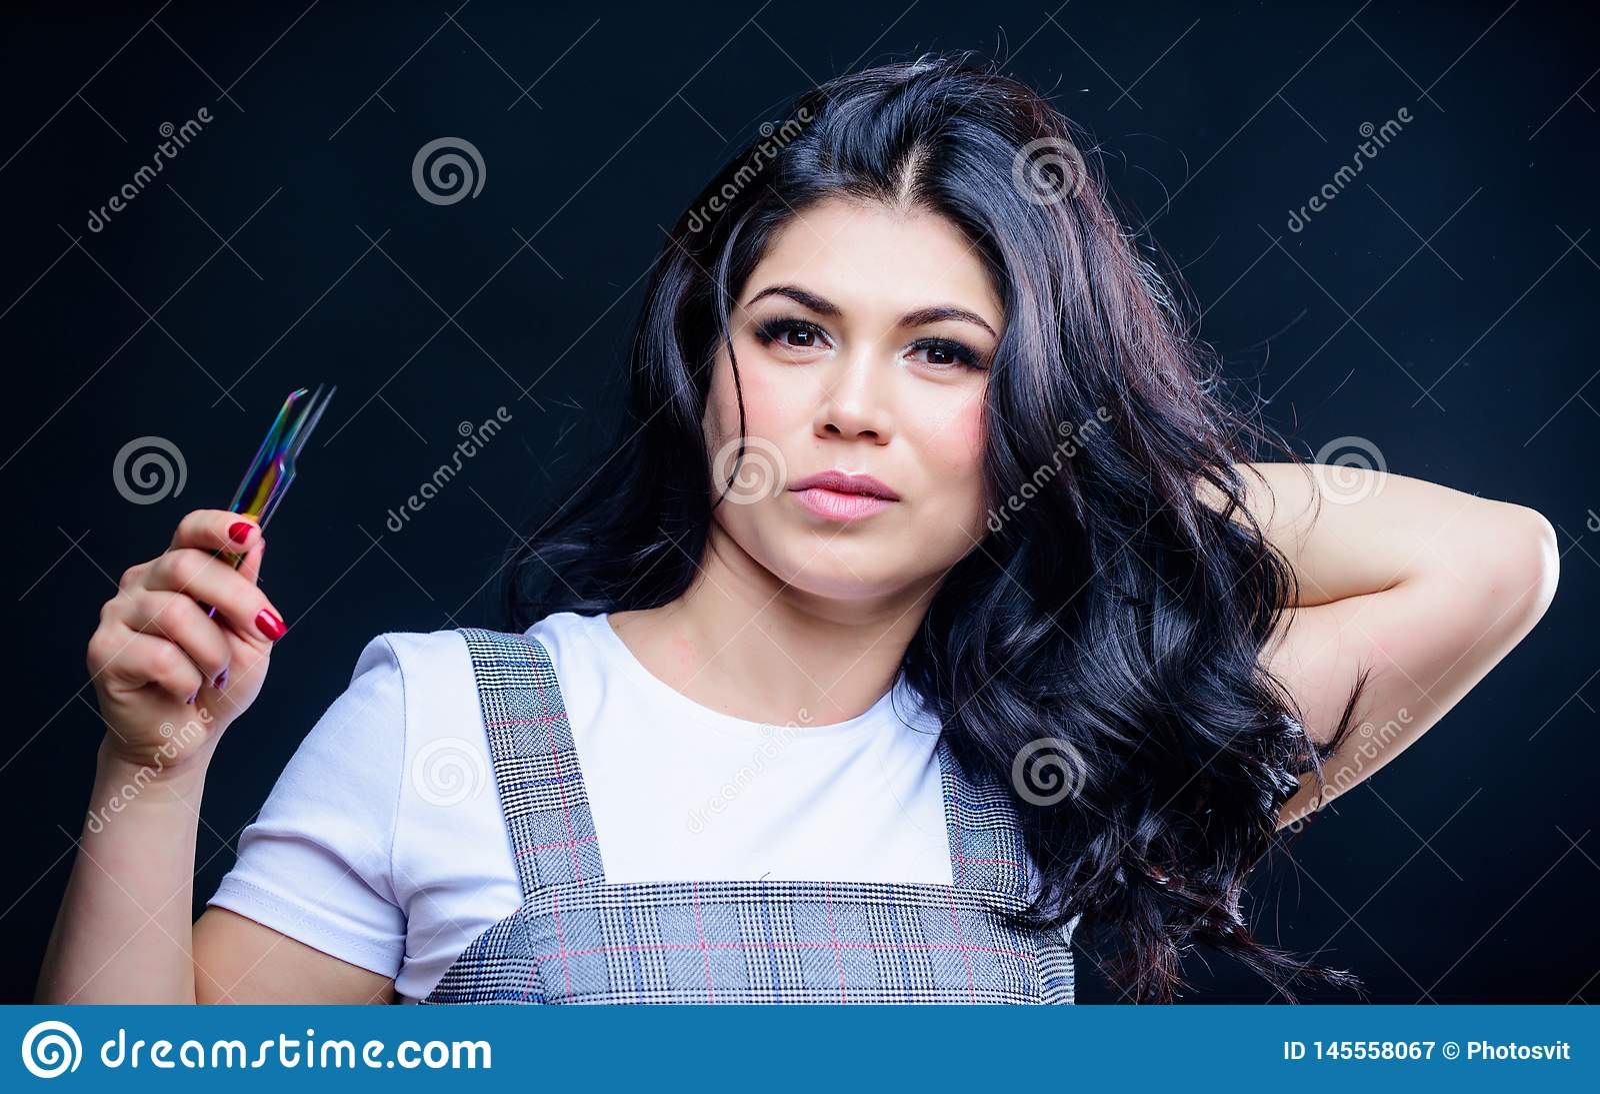 Brucelles de prise de visage de maquillage de fille pour l extension de cil Volume faux de m?ches de maquillage Applicateur de m?